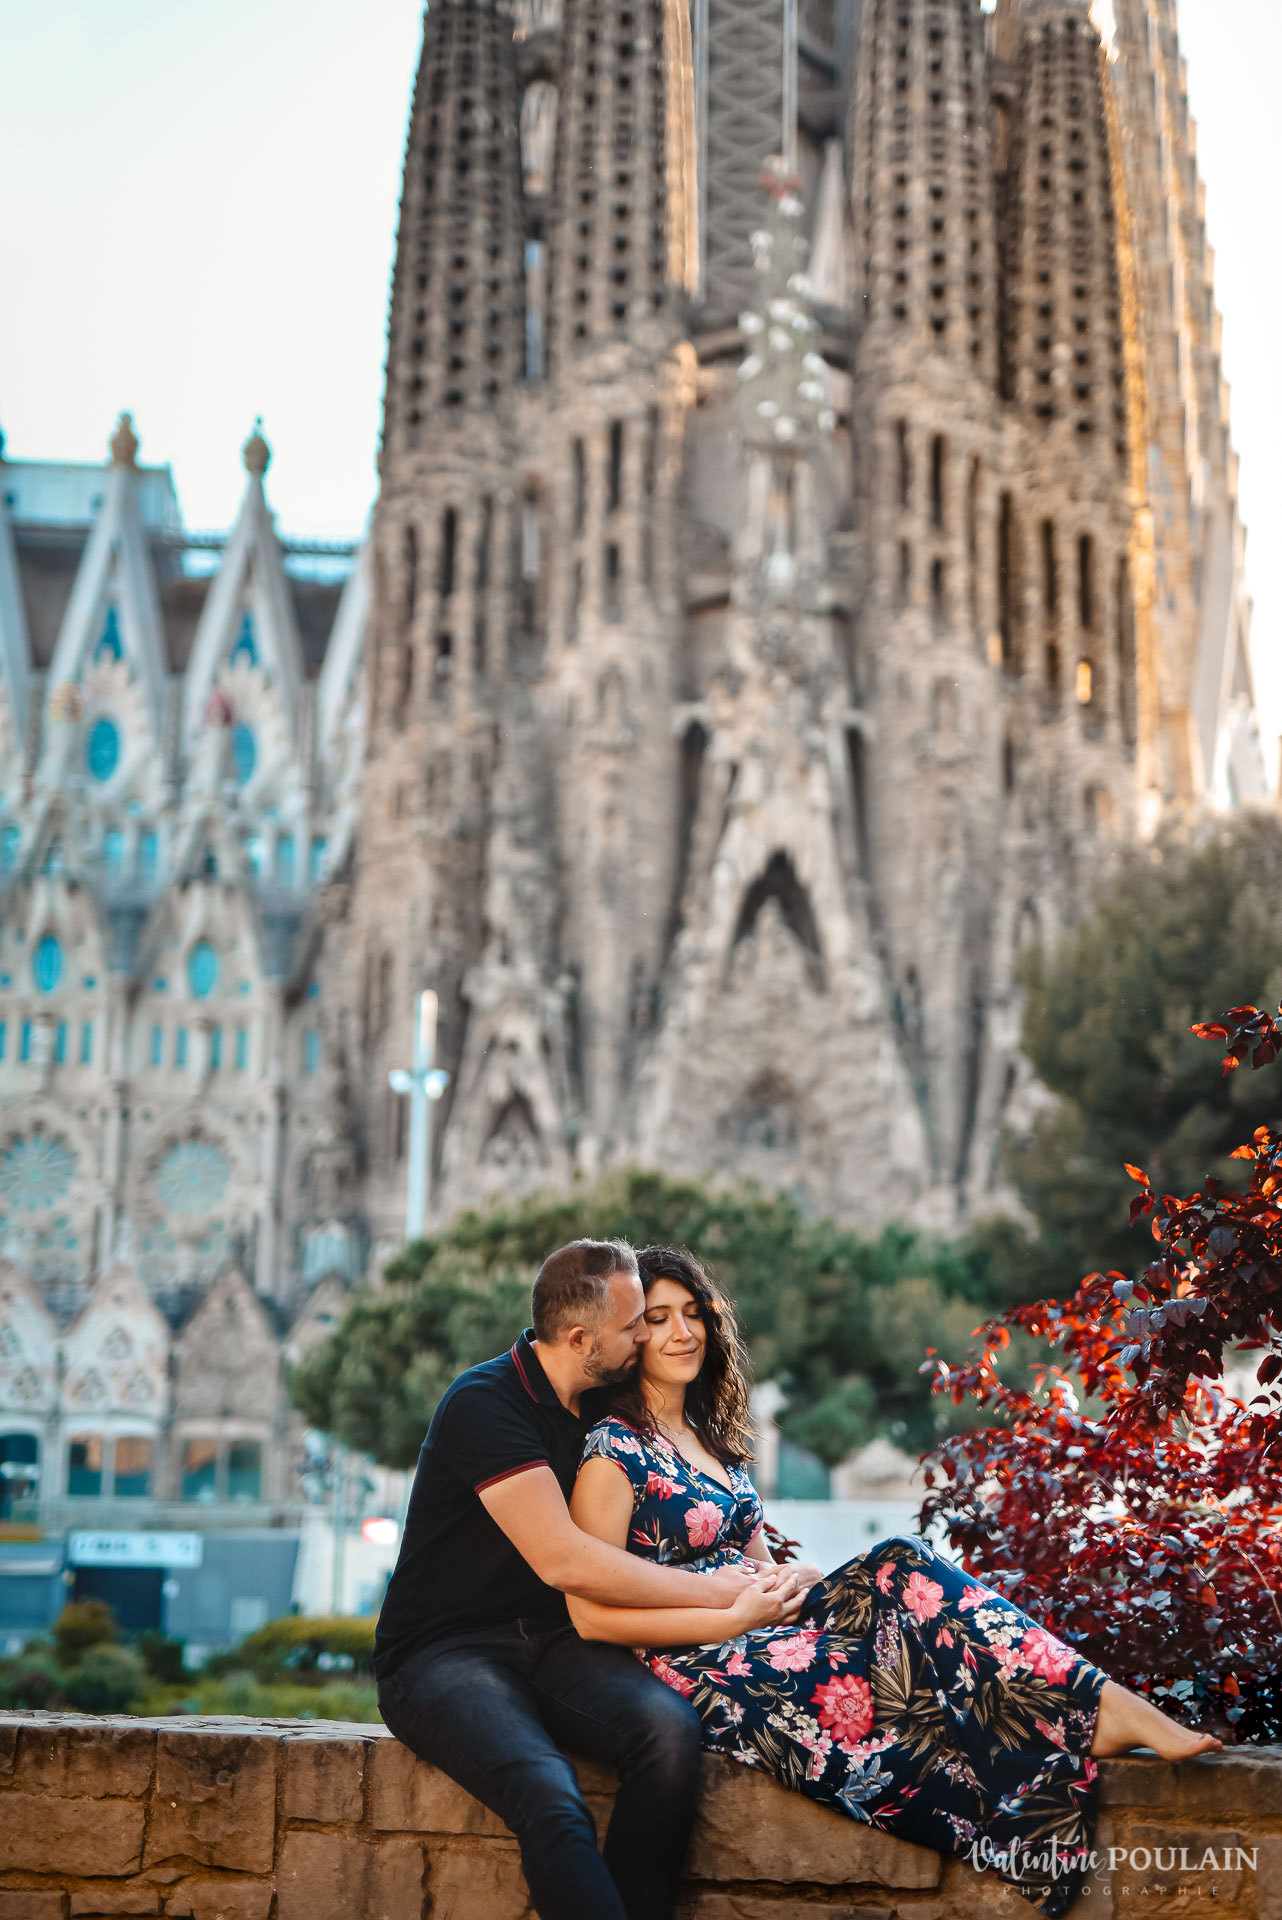 Séance photo couple Barcelone - Valentine Poulain Sagrada